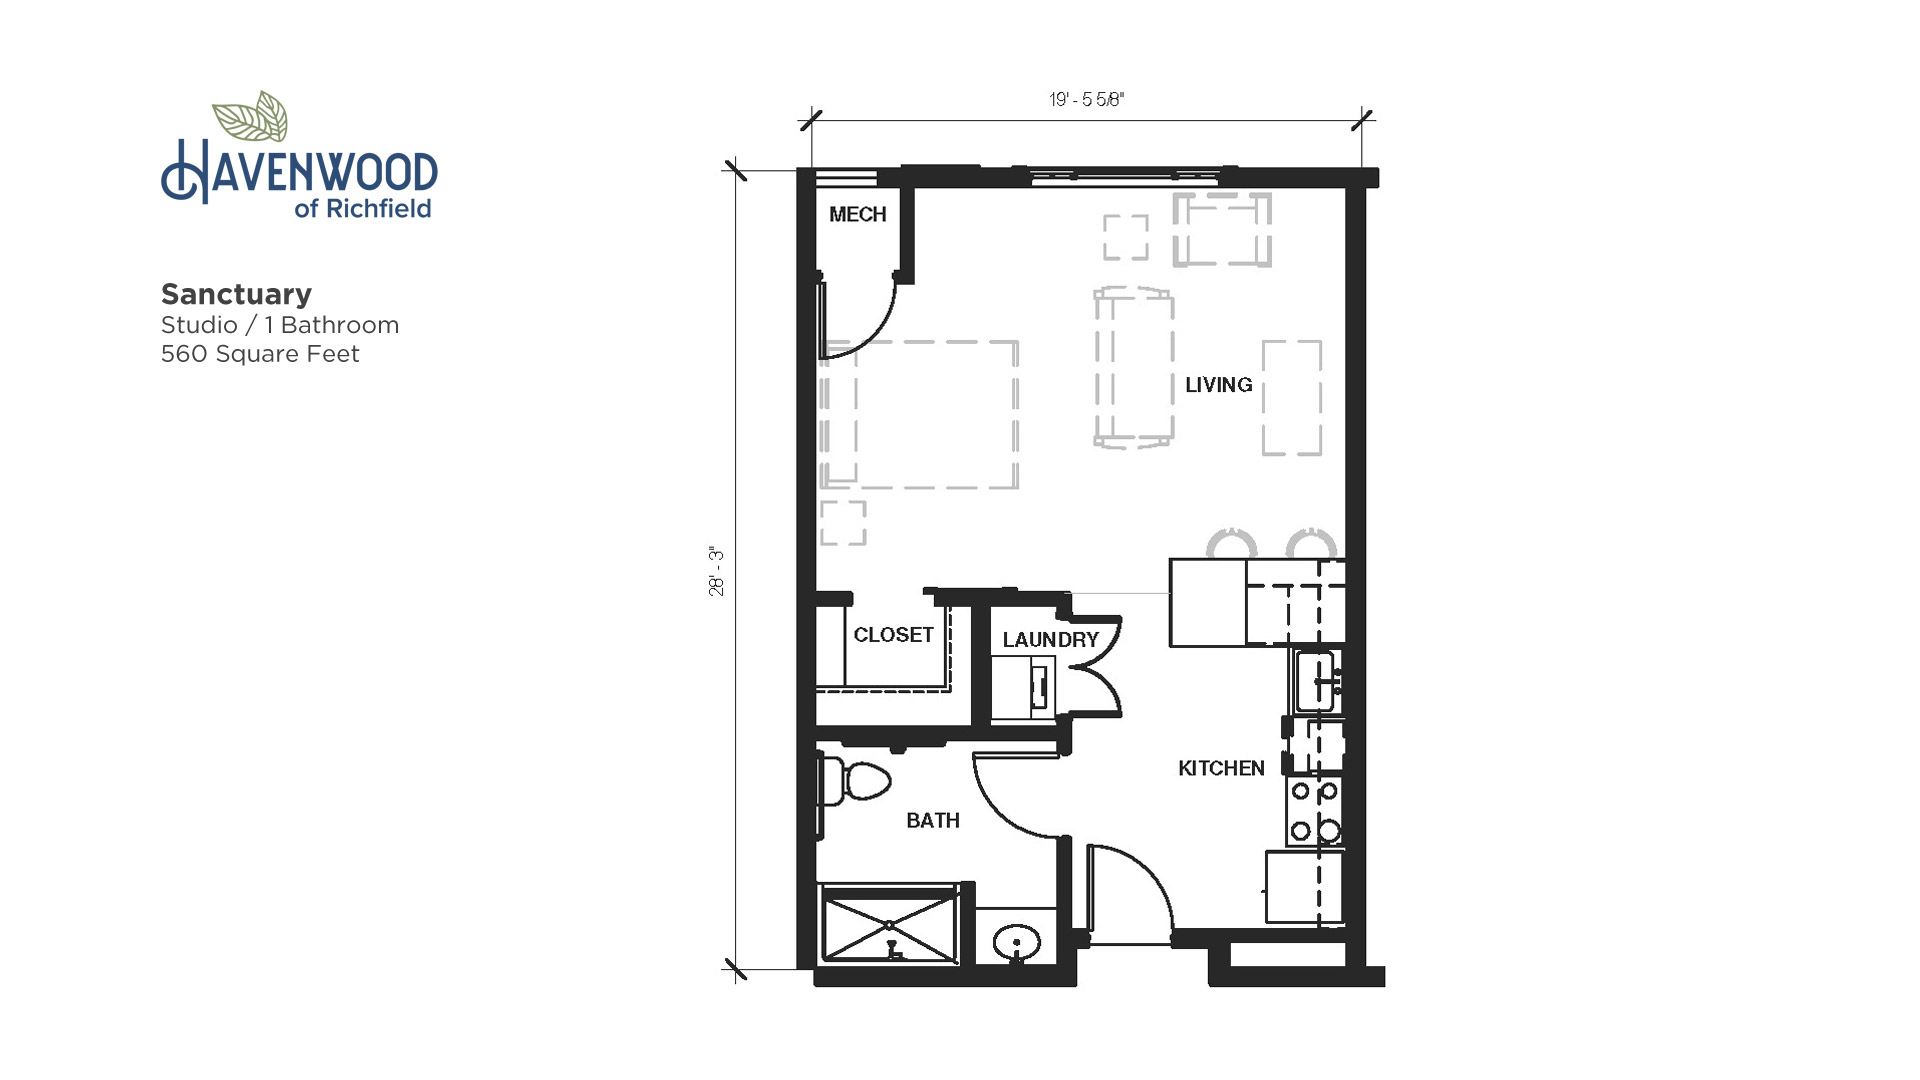 Havenwood of Richfield Sanctuary Floor Plan